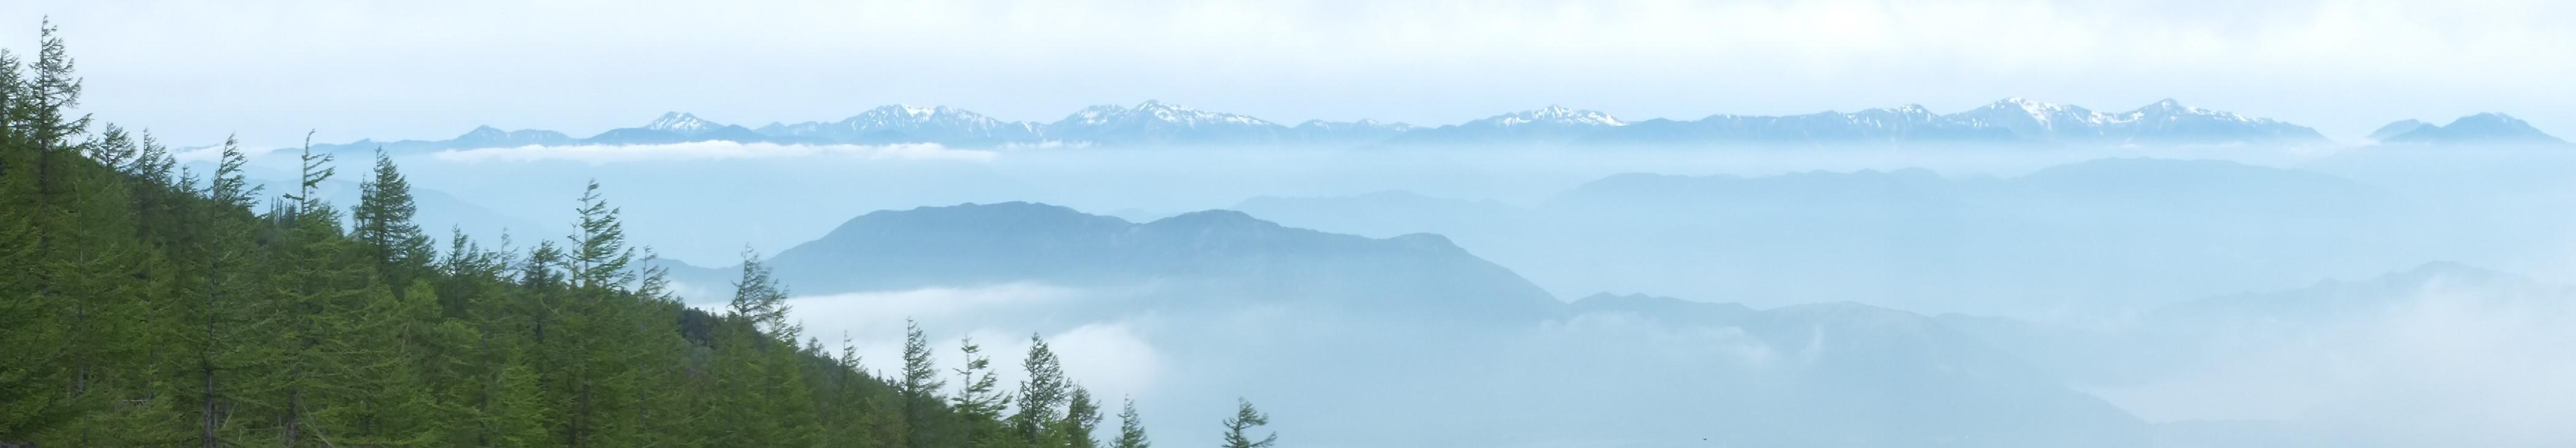 6月5日 富士山・御庭散策_e0145782_1455514.jpg